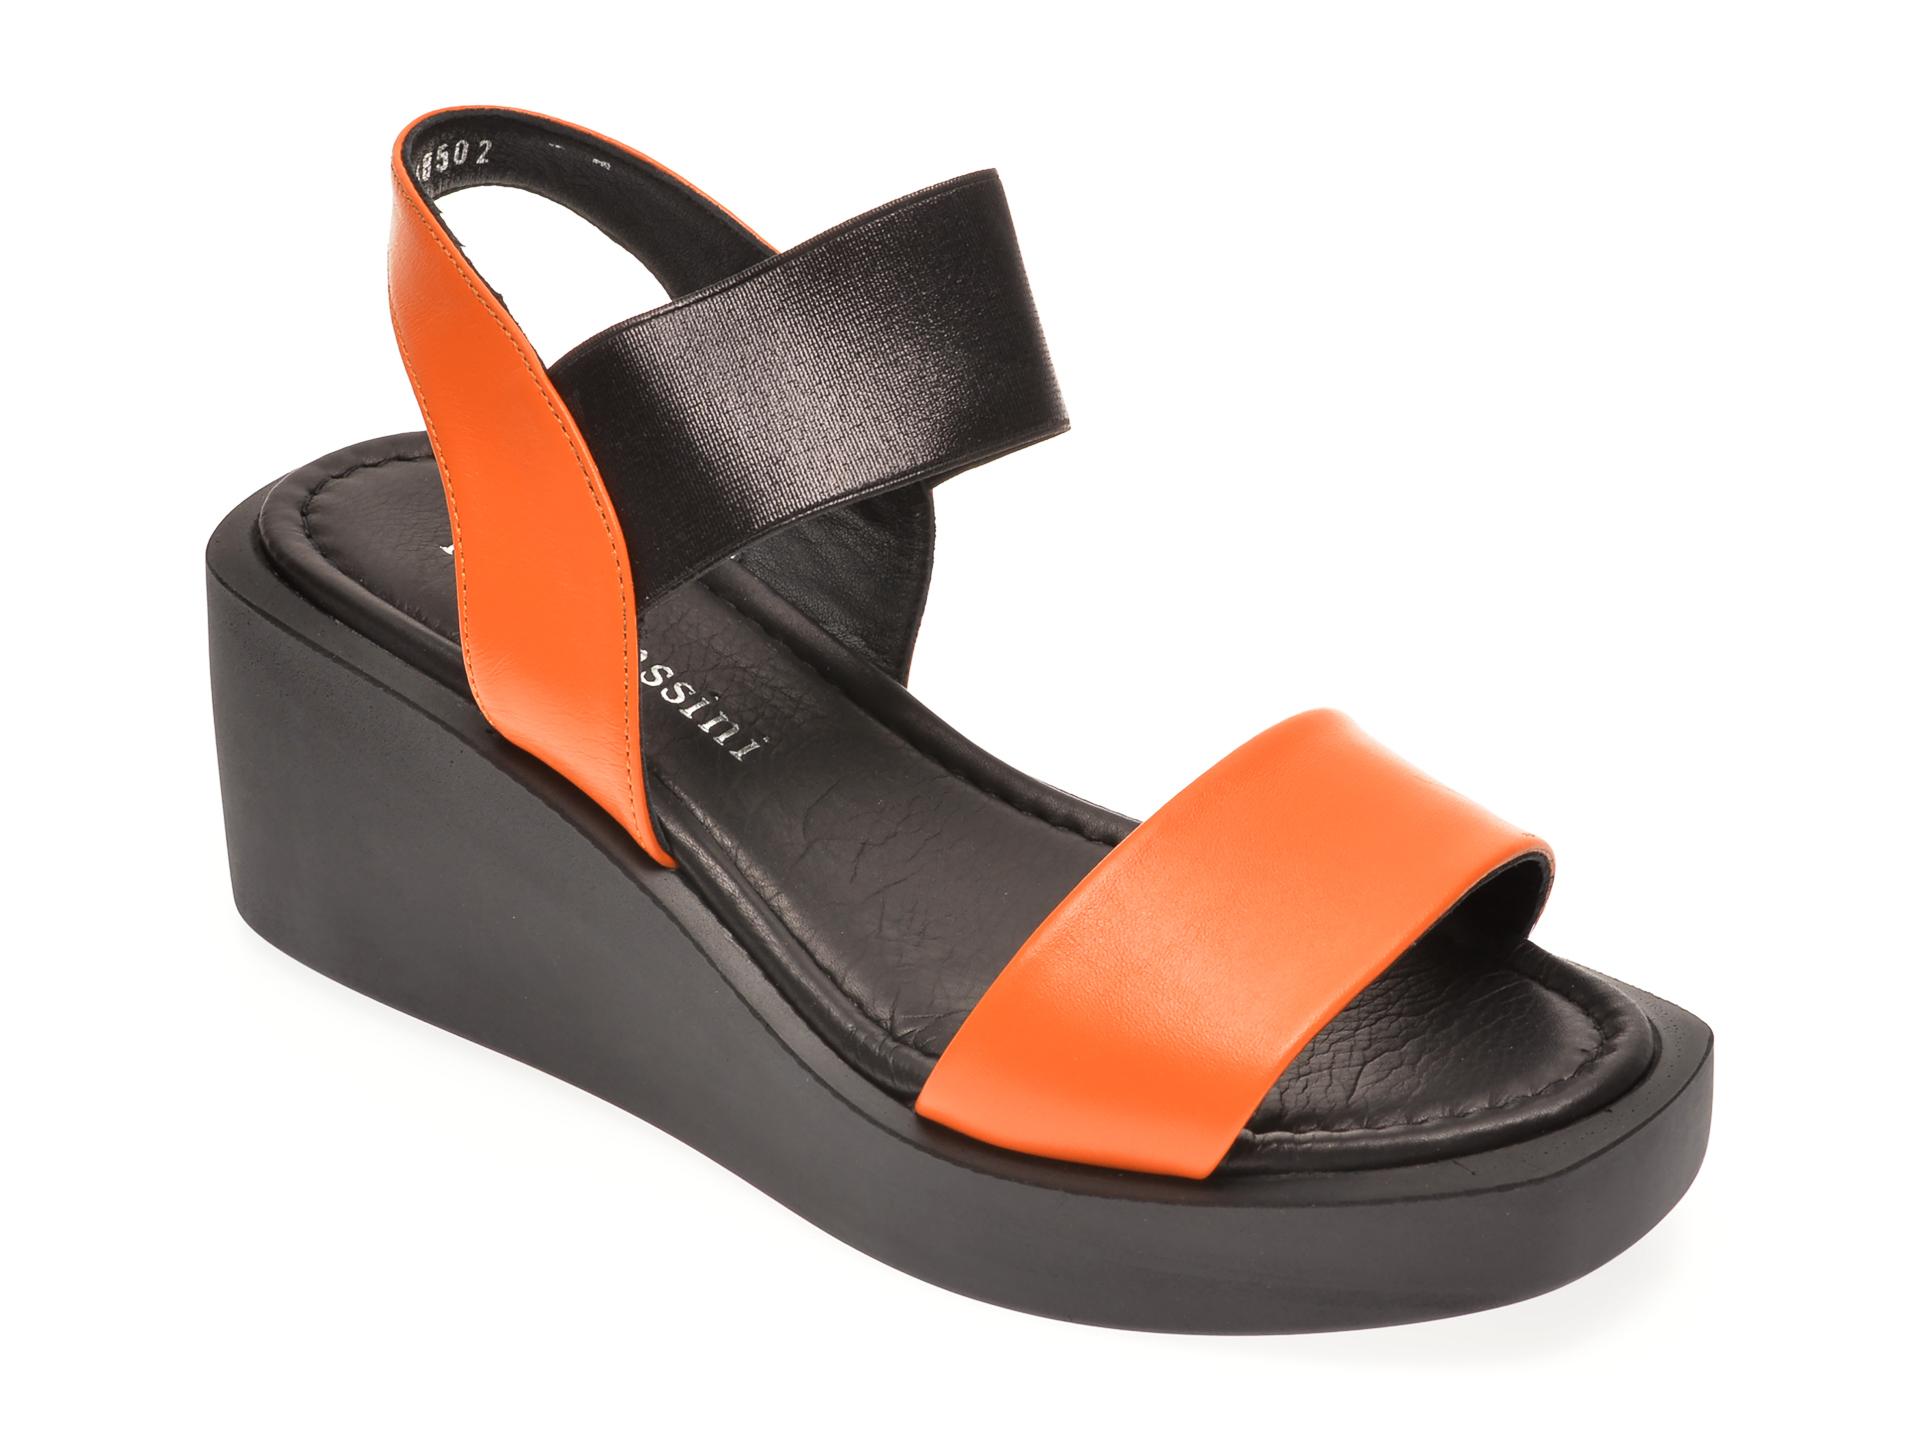 Sandale FLAVIA PASSINI portocalii, 1182666, din piele naturala New